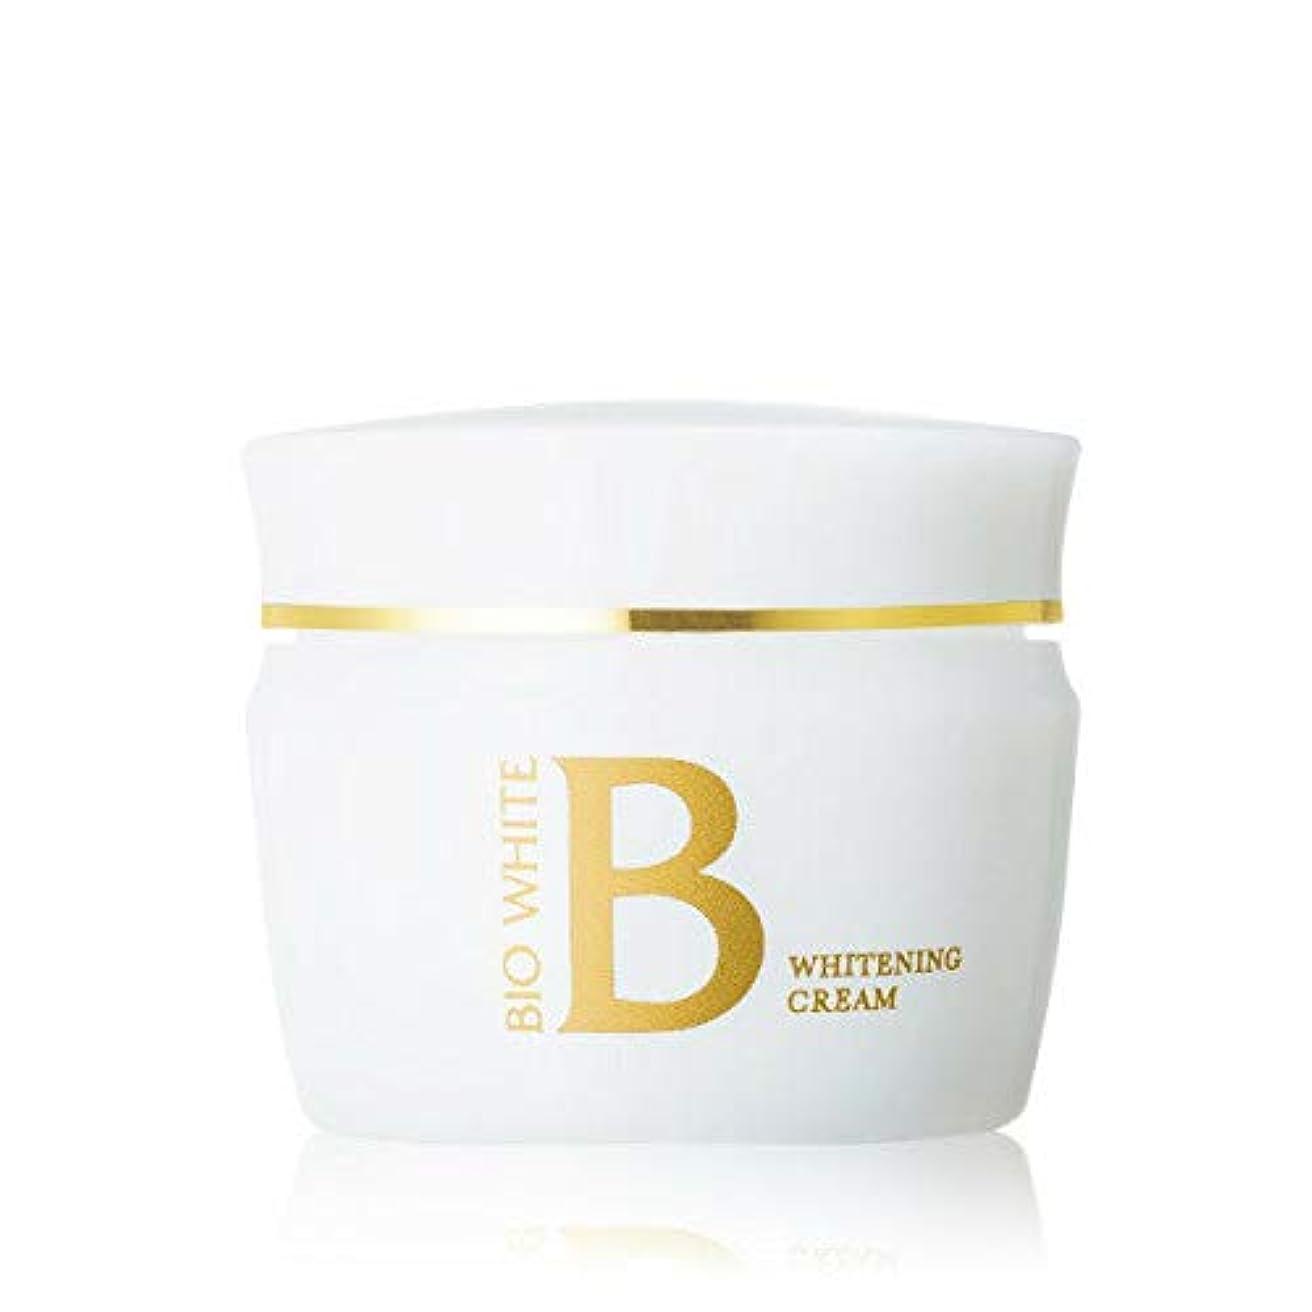 アナリスト美しい上エビス化粧品(EBiS) エビス ビーホワイトクリーム 40g 美白クリーム トラネキサム酸 配合 医薬部外品